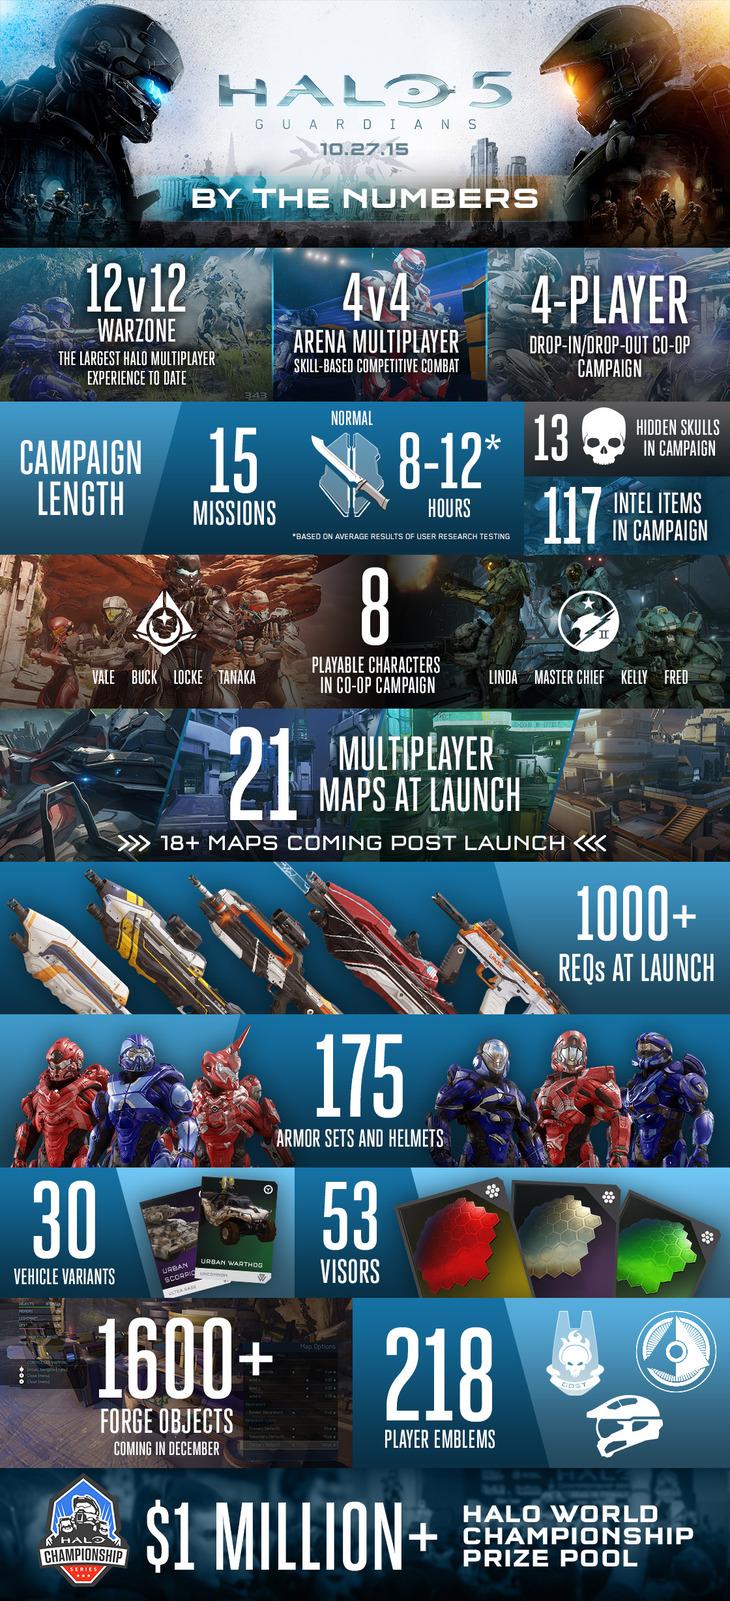 La campagna di Halo 5 Guardians durerà circa 10 ore